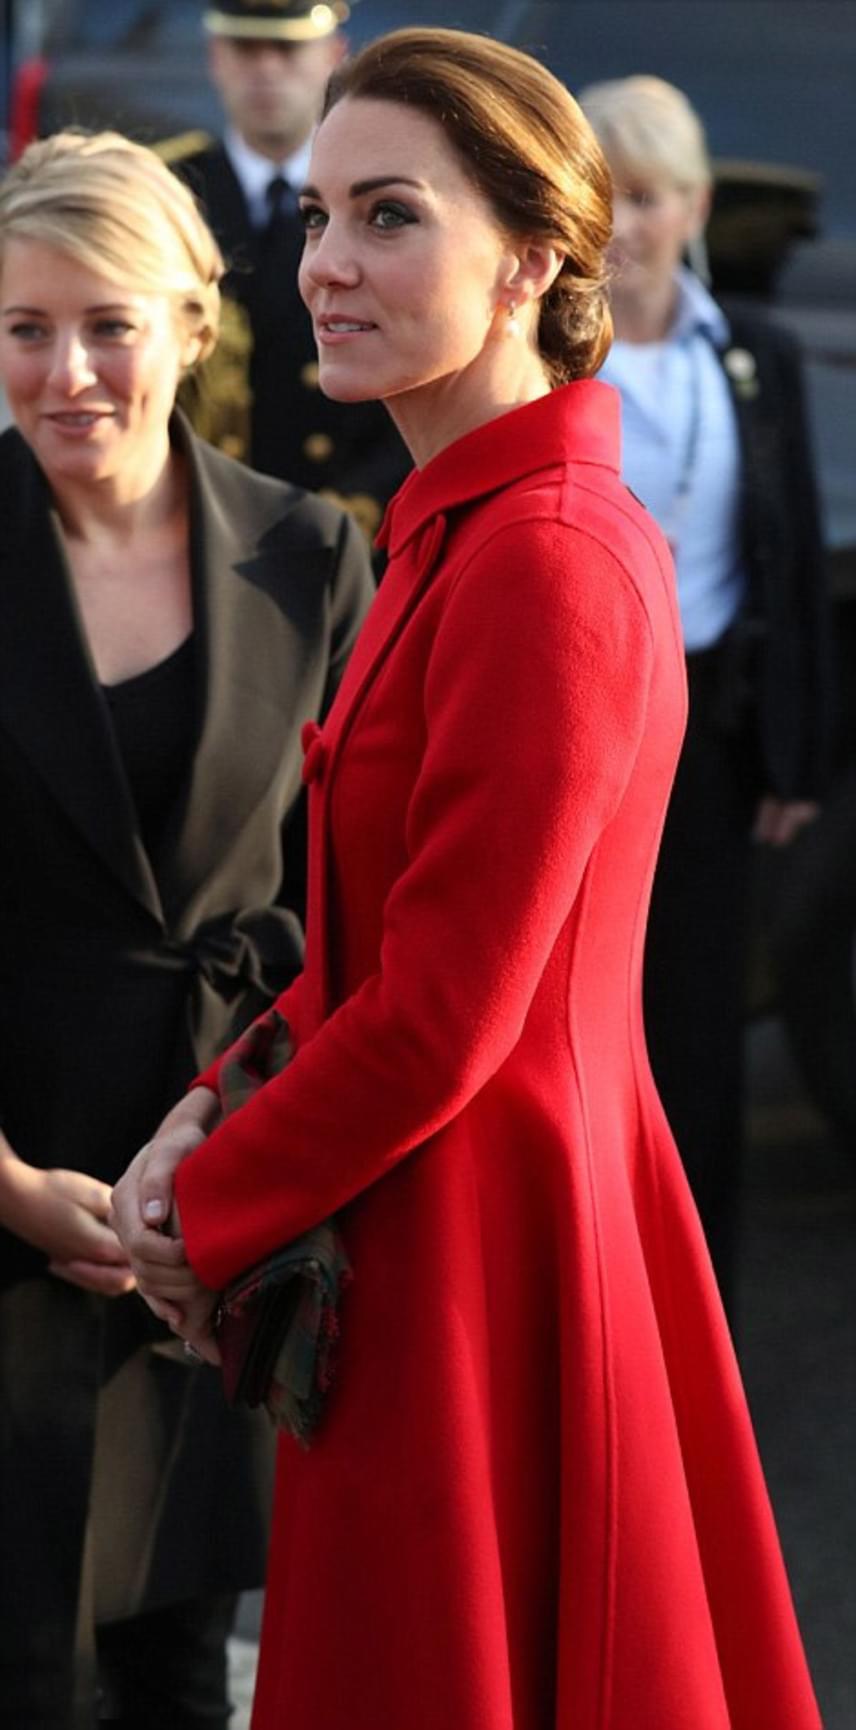 Katalin hercegnének fantasztikusan áll a tűzpiros, a rajongók szerint is többször kellene ilyen erőteljes színű ruhákat viselnie.